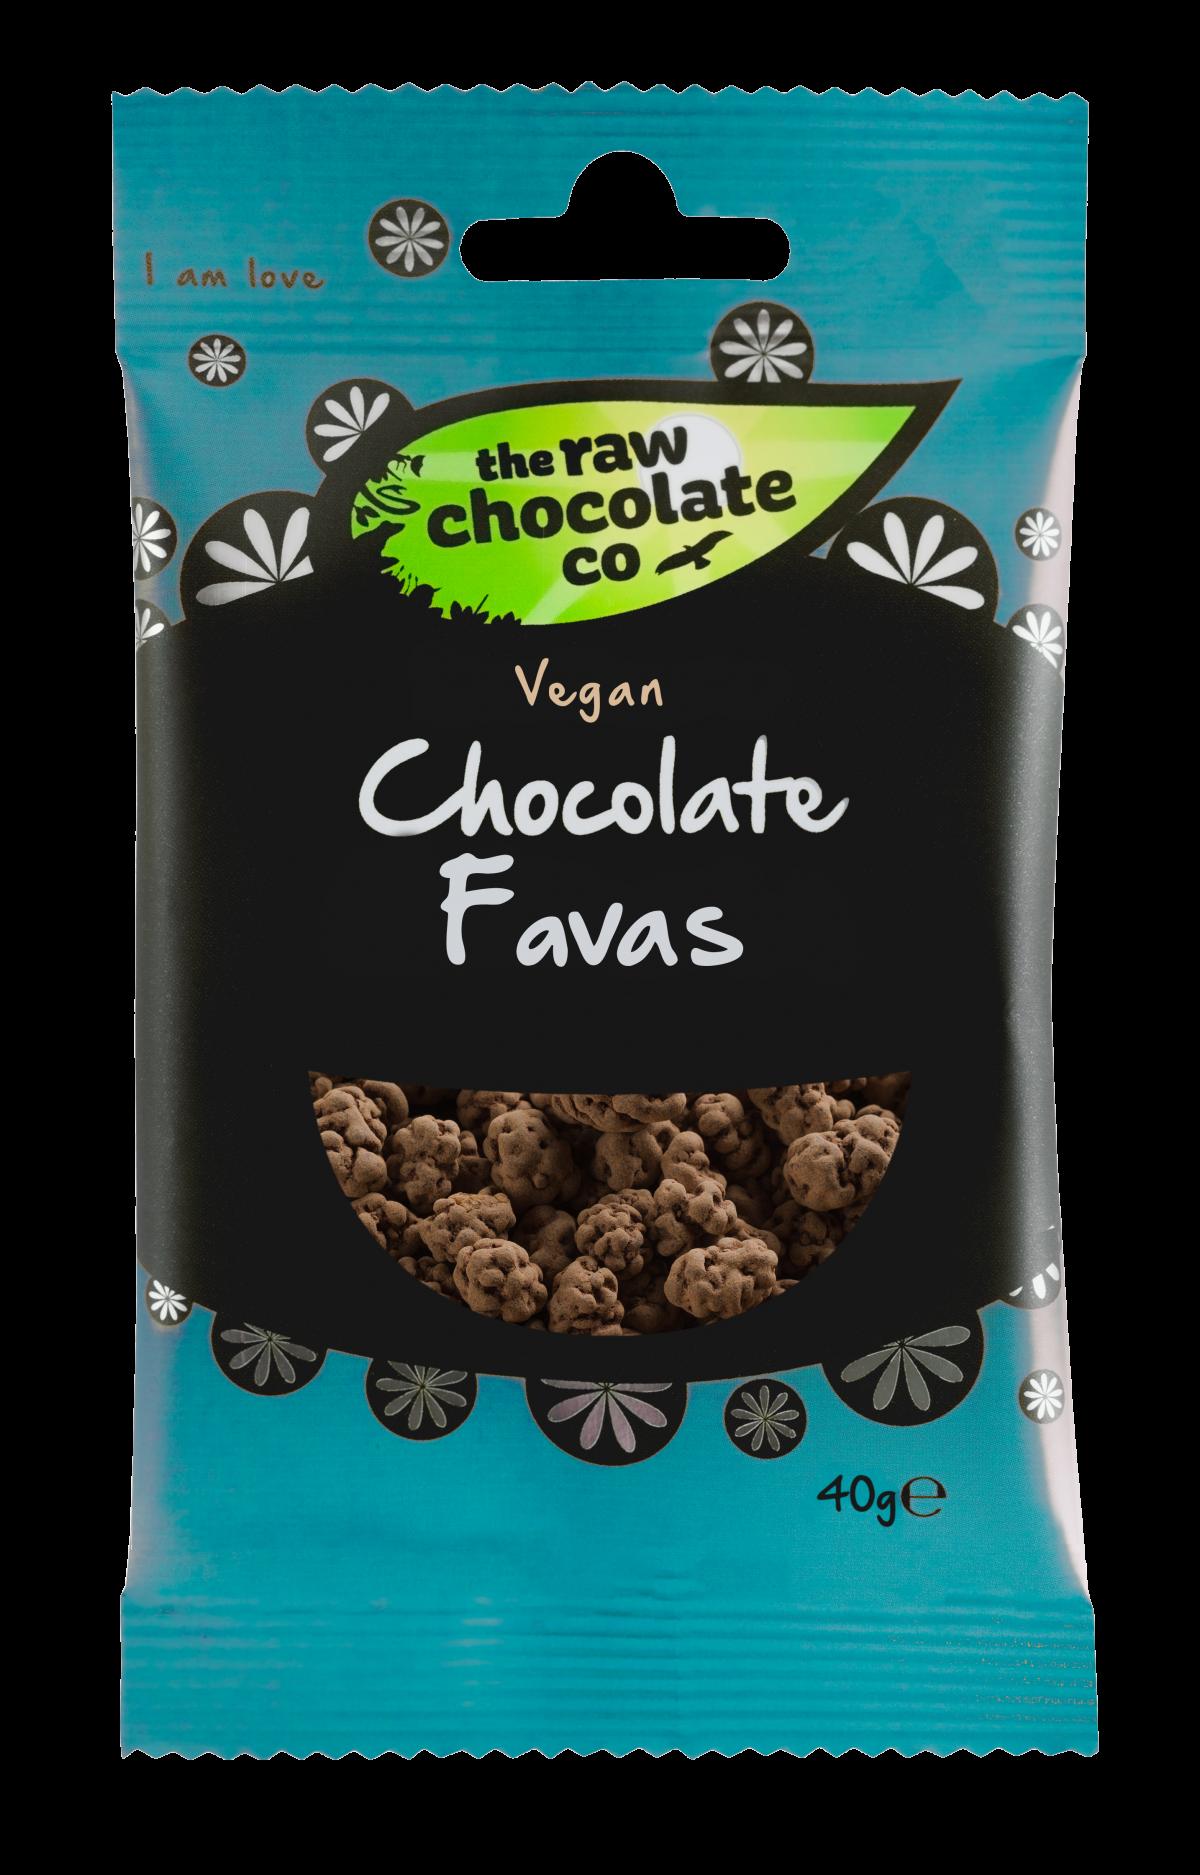 Nyers csokoládés csemege - Fava bab 40g